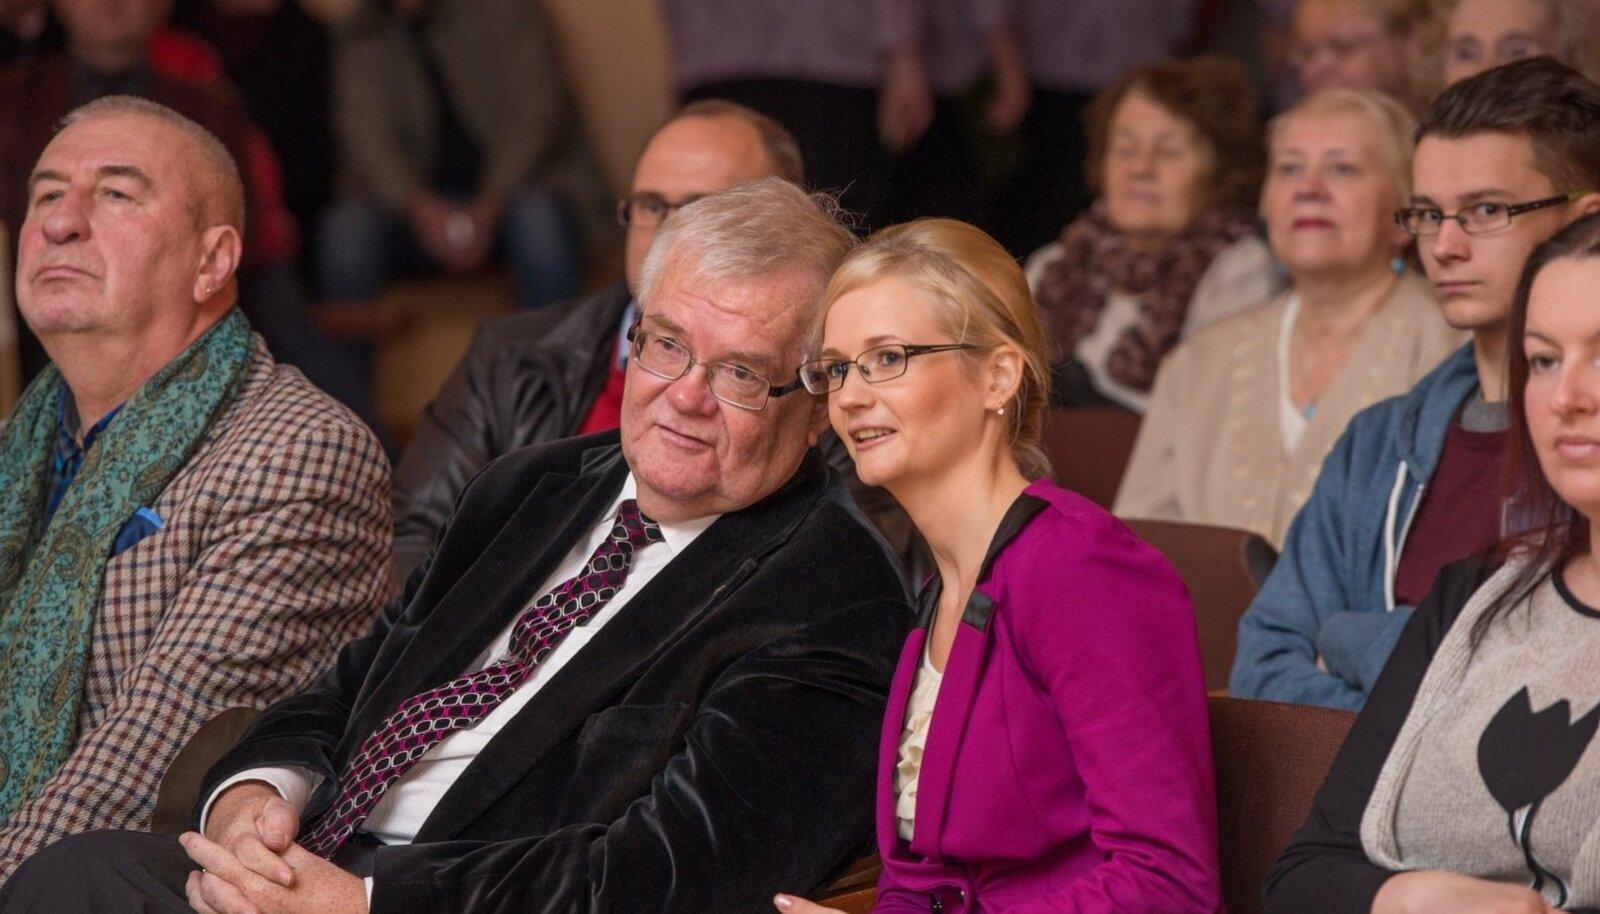 1.Edgar Savisaar ja Siret Kotka läinud aasta novembris Kiltsi rahvamaja uue põranda - mille ehitamist toetas Tallinna linnavalitsus - avamisel.